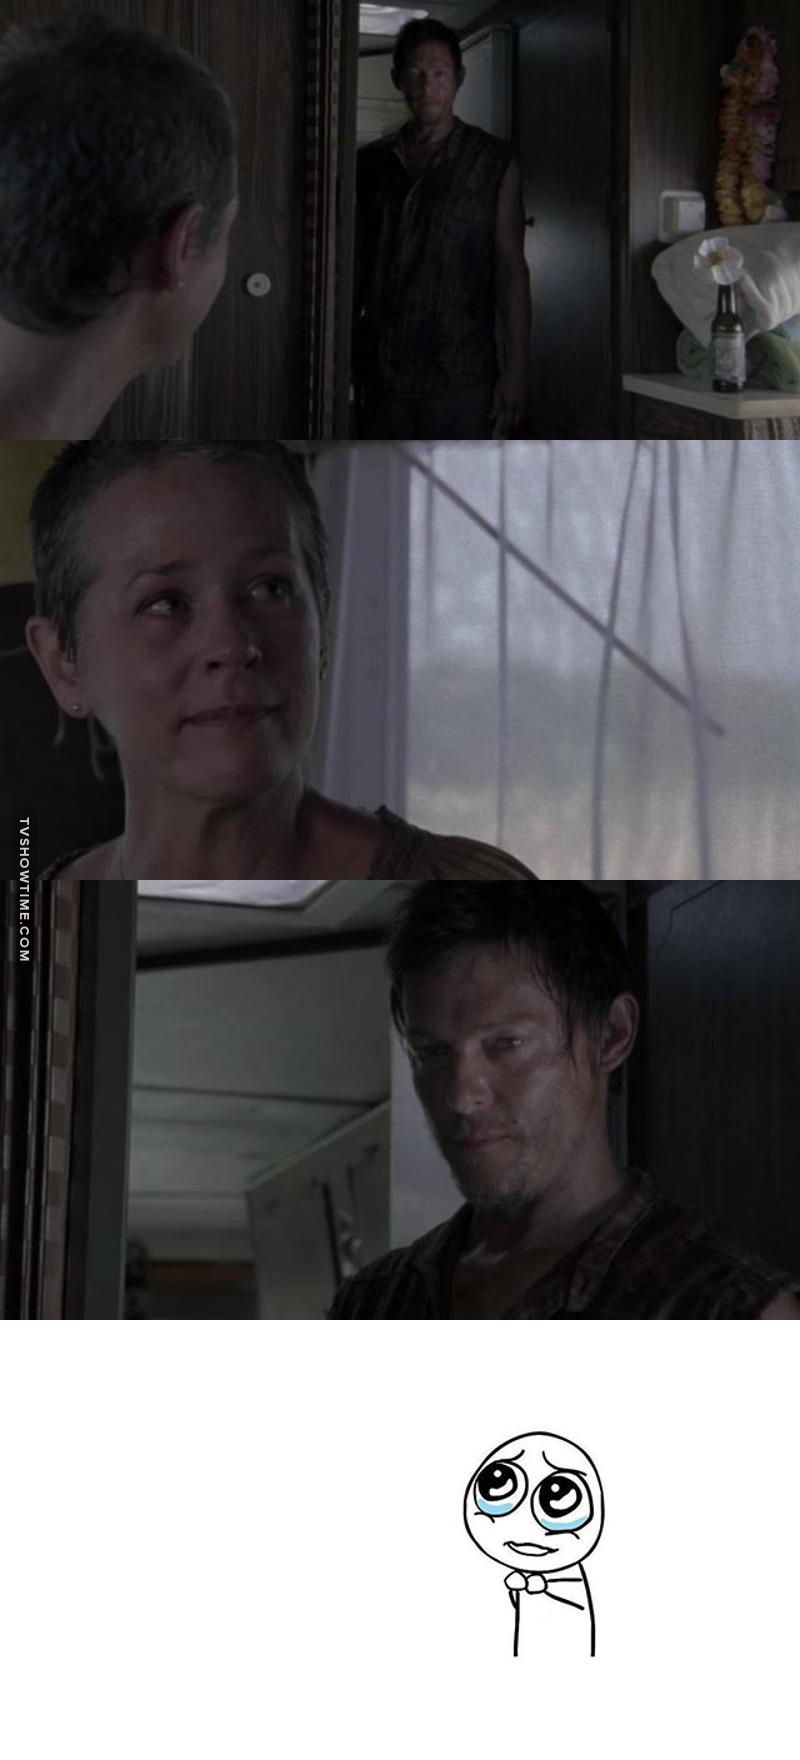 J'adore ce passage où Daryl raconte la légende des roses Sherokee à Carol, c'est un de mes passages préféré de la série. Et c'est aussi à ce moment là que j'ai commencé à adorer ce personnage, Daryl Dixon c'est carrément la base. 💪😍